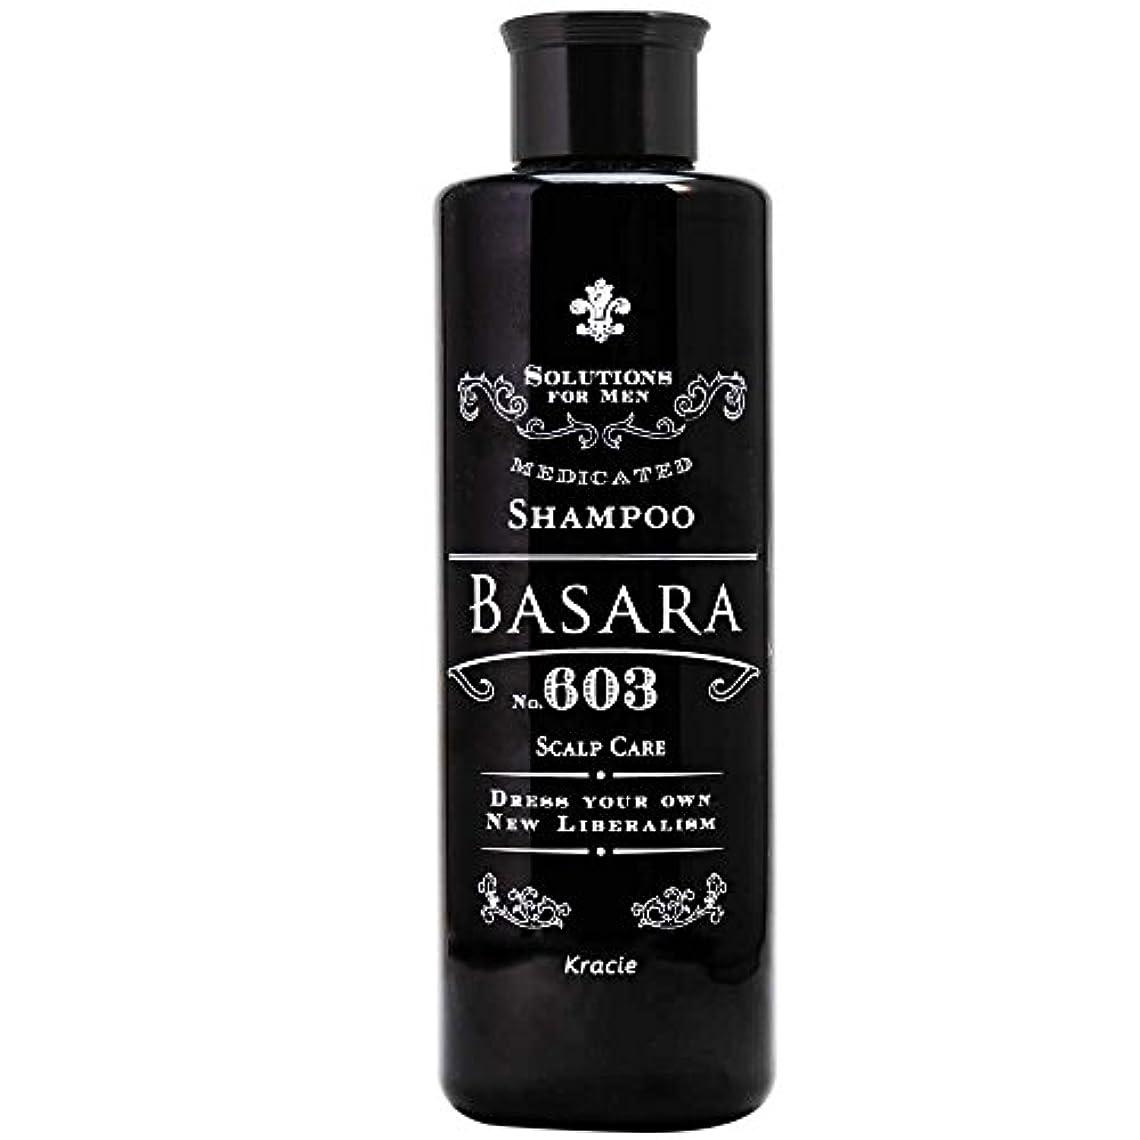 クラシエ バサラ 603 薬用スカルプシャンプー 250ml